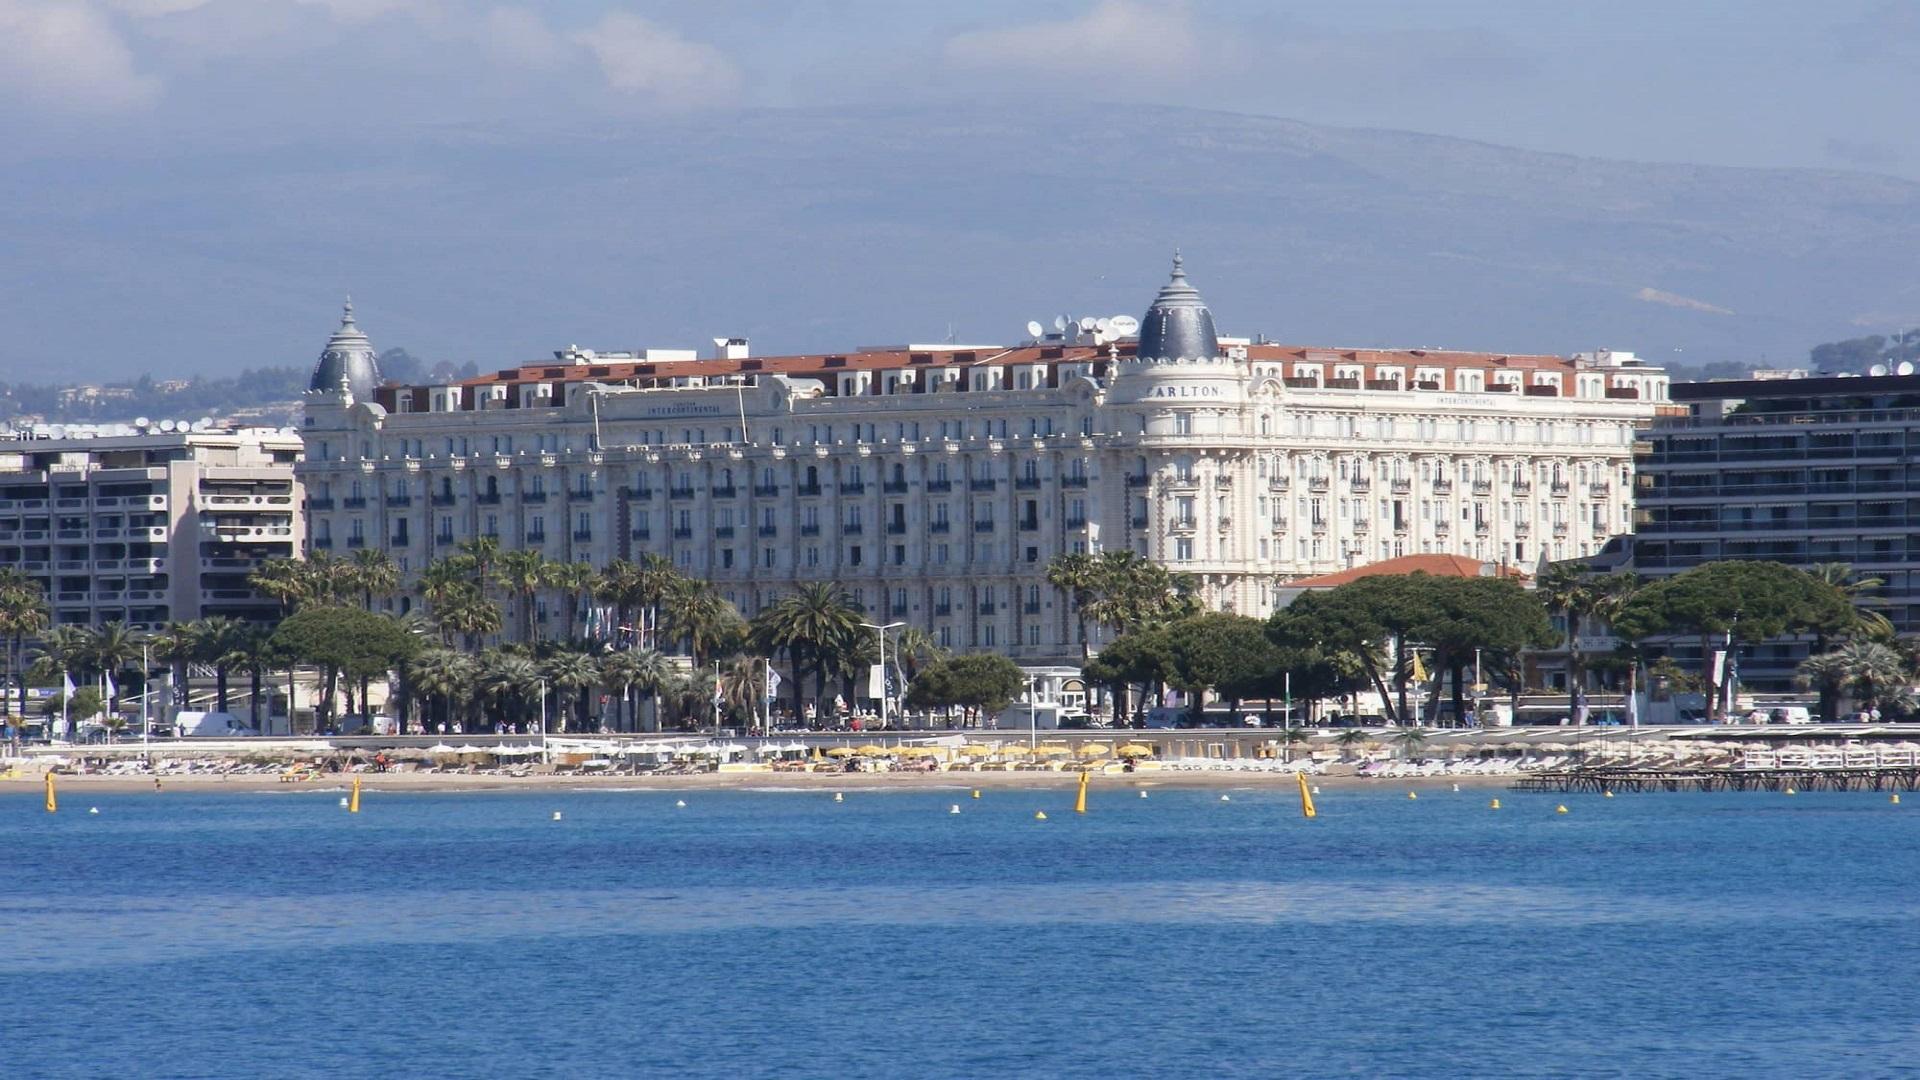 Carlton-Cannes-French-Riviera-cote-dazur-Croisette